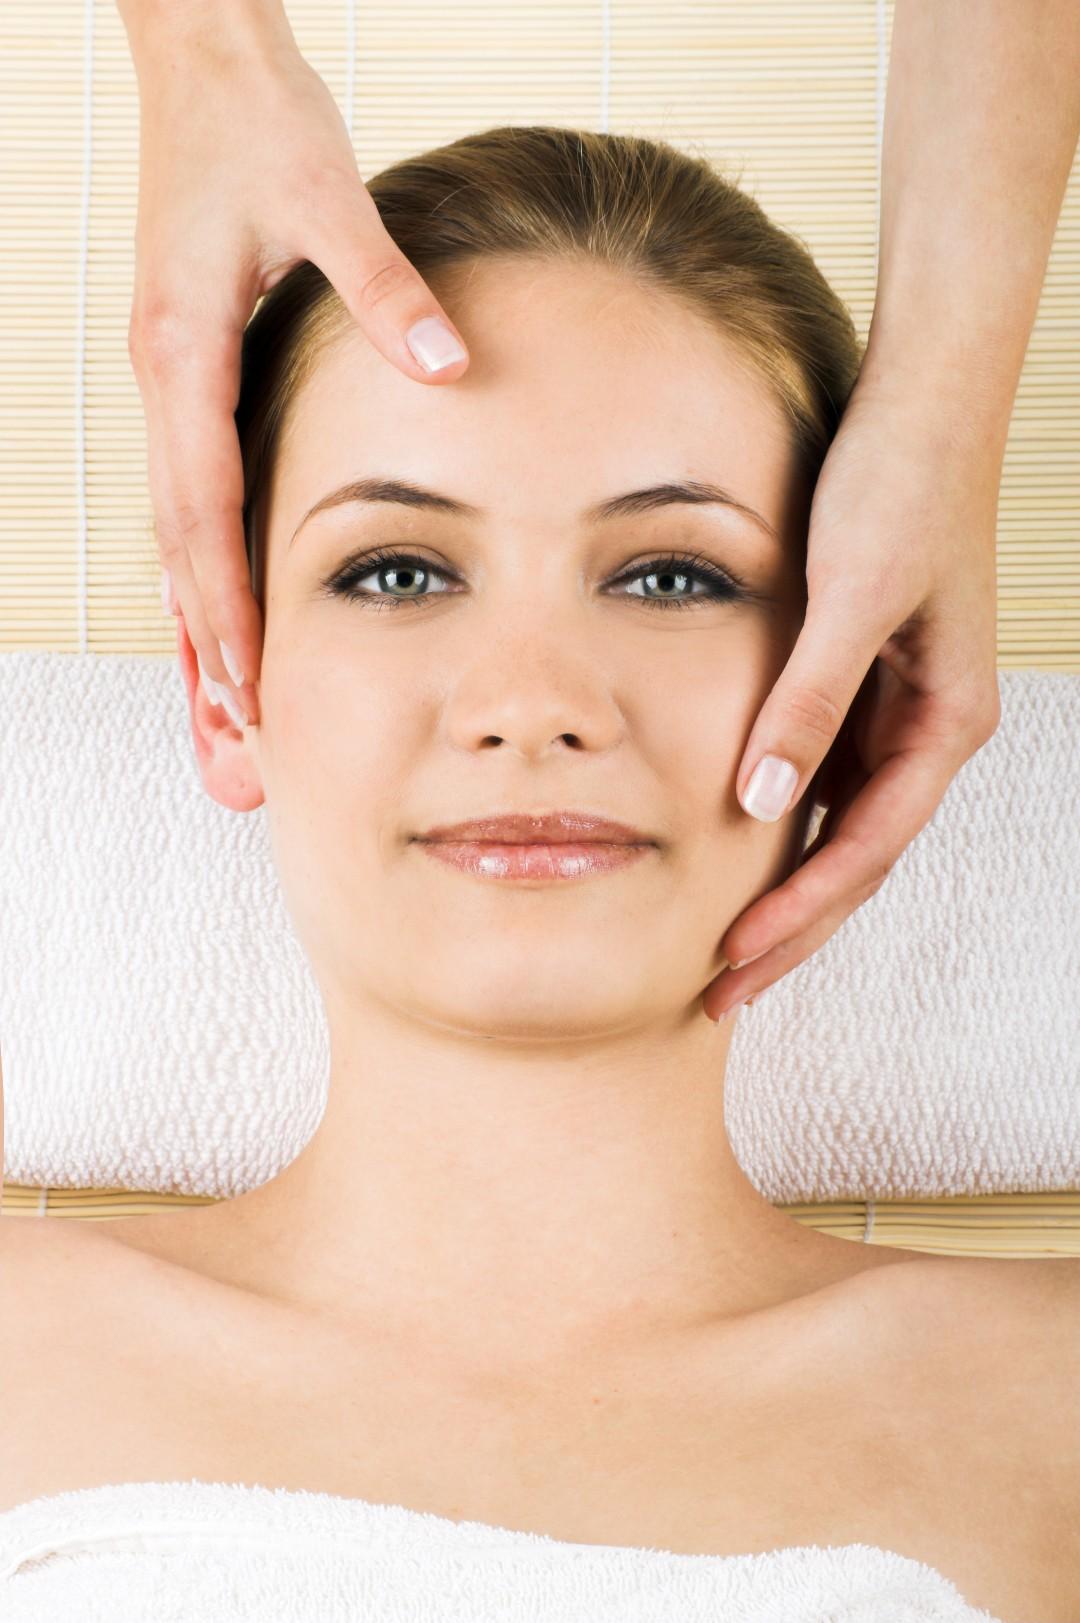 Liečba v ajurvéde - počúvať svoje telo